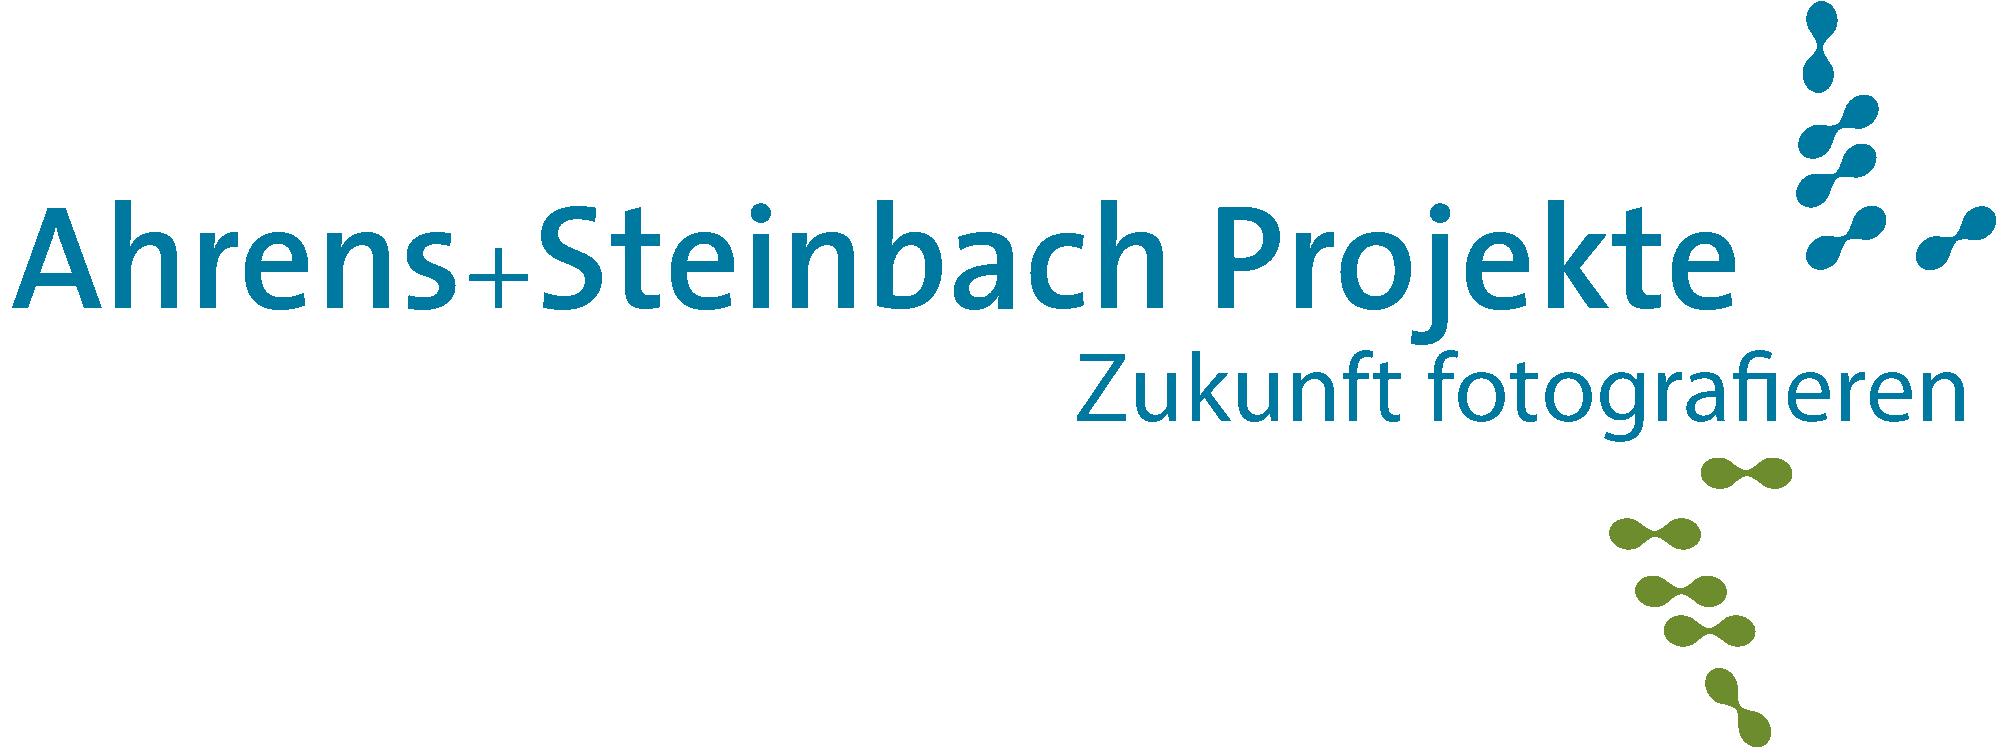 Ahrens + Steinbach Projekte